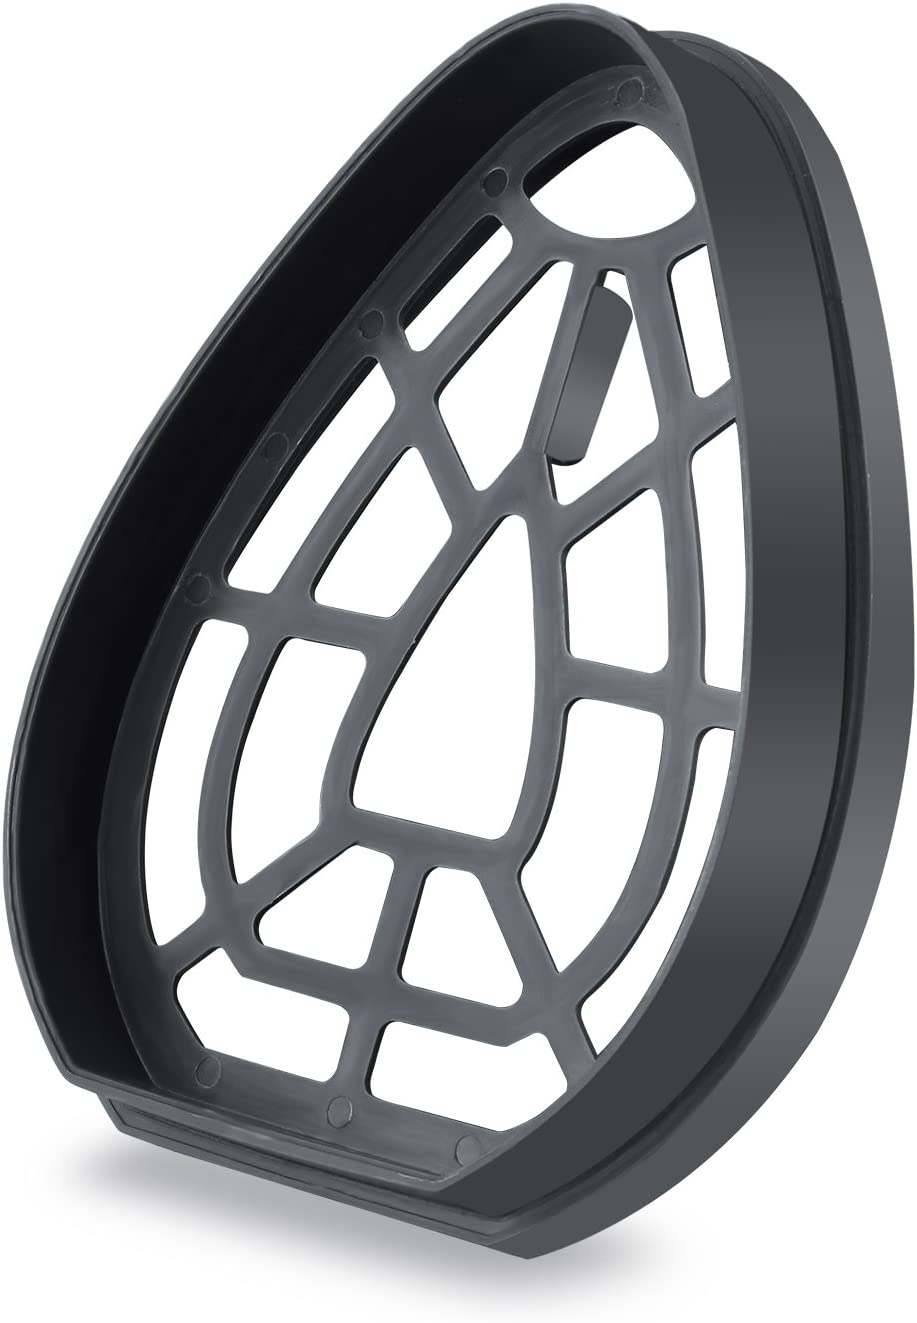 SOWTECH Black Sponge Filter Holder